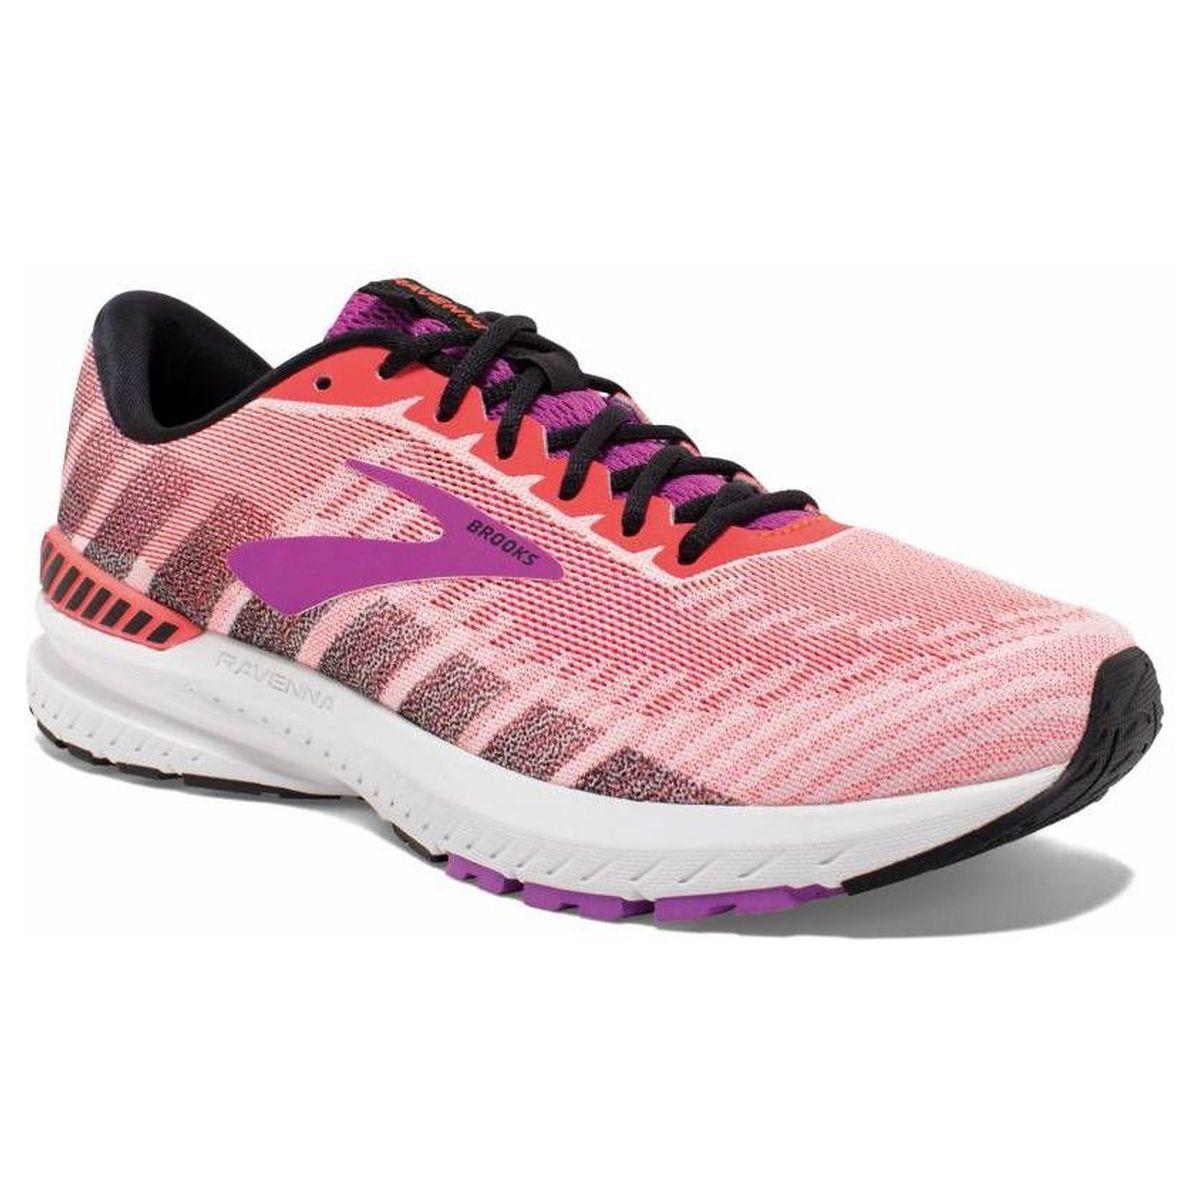 Brooks Ravenna 10 Damen Laufschuhe Gr. 42 – Fredmax Online Shop